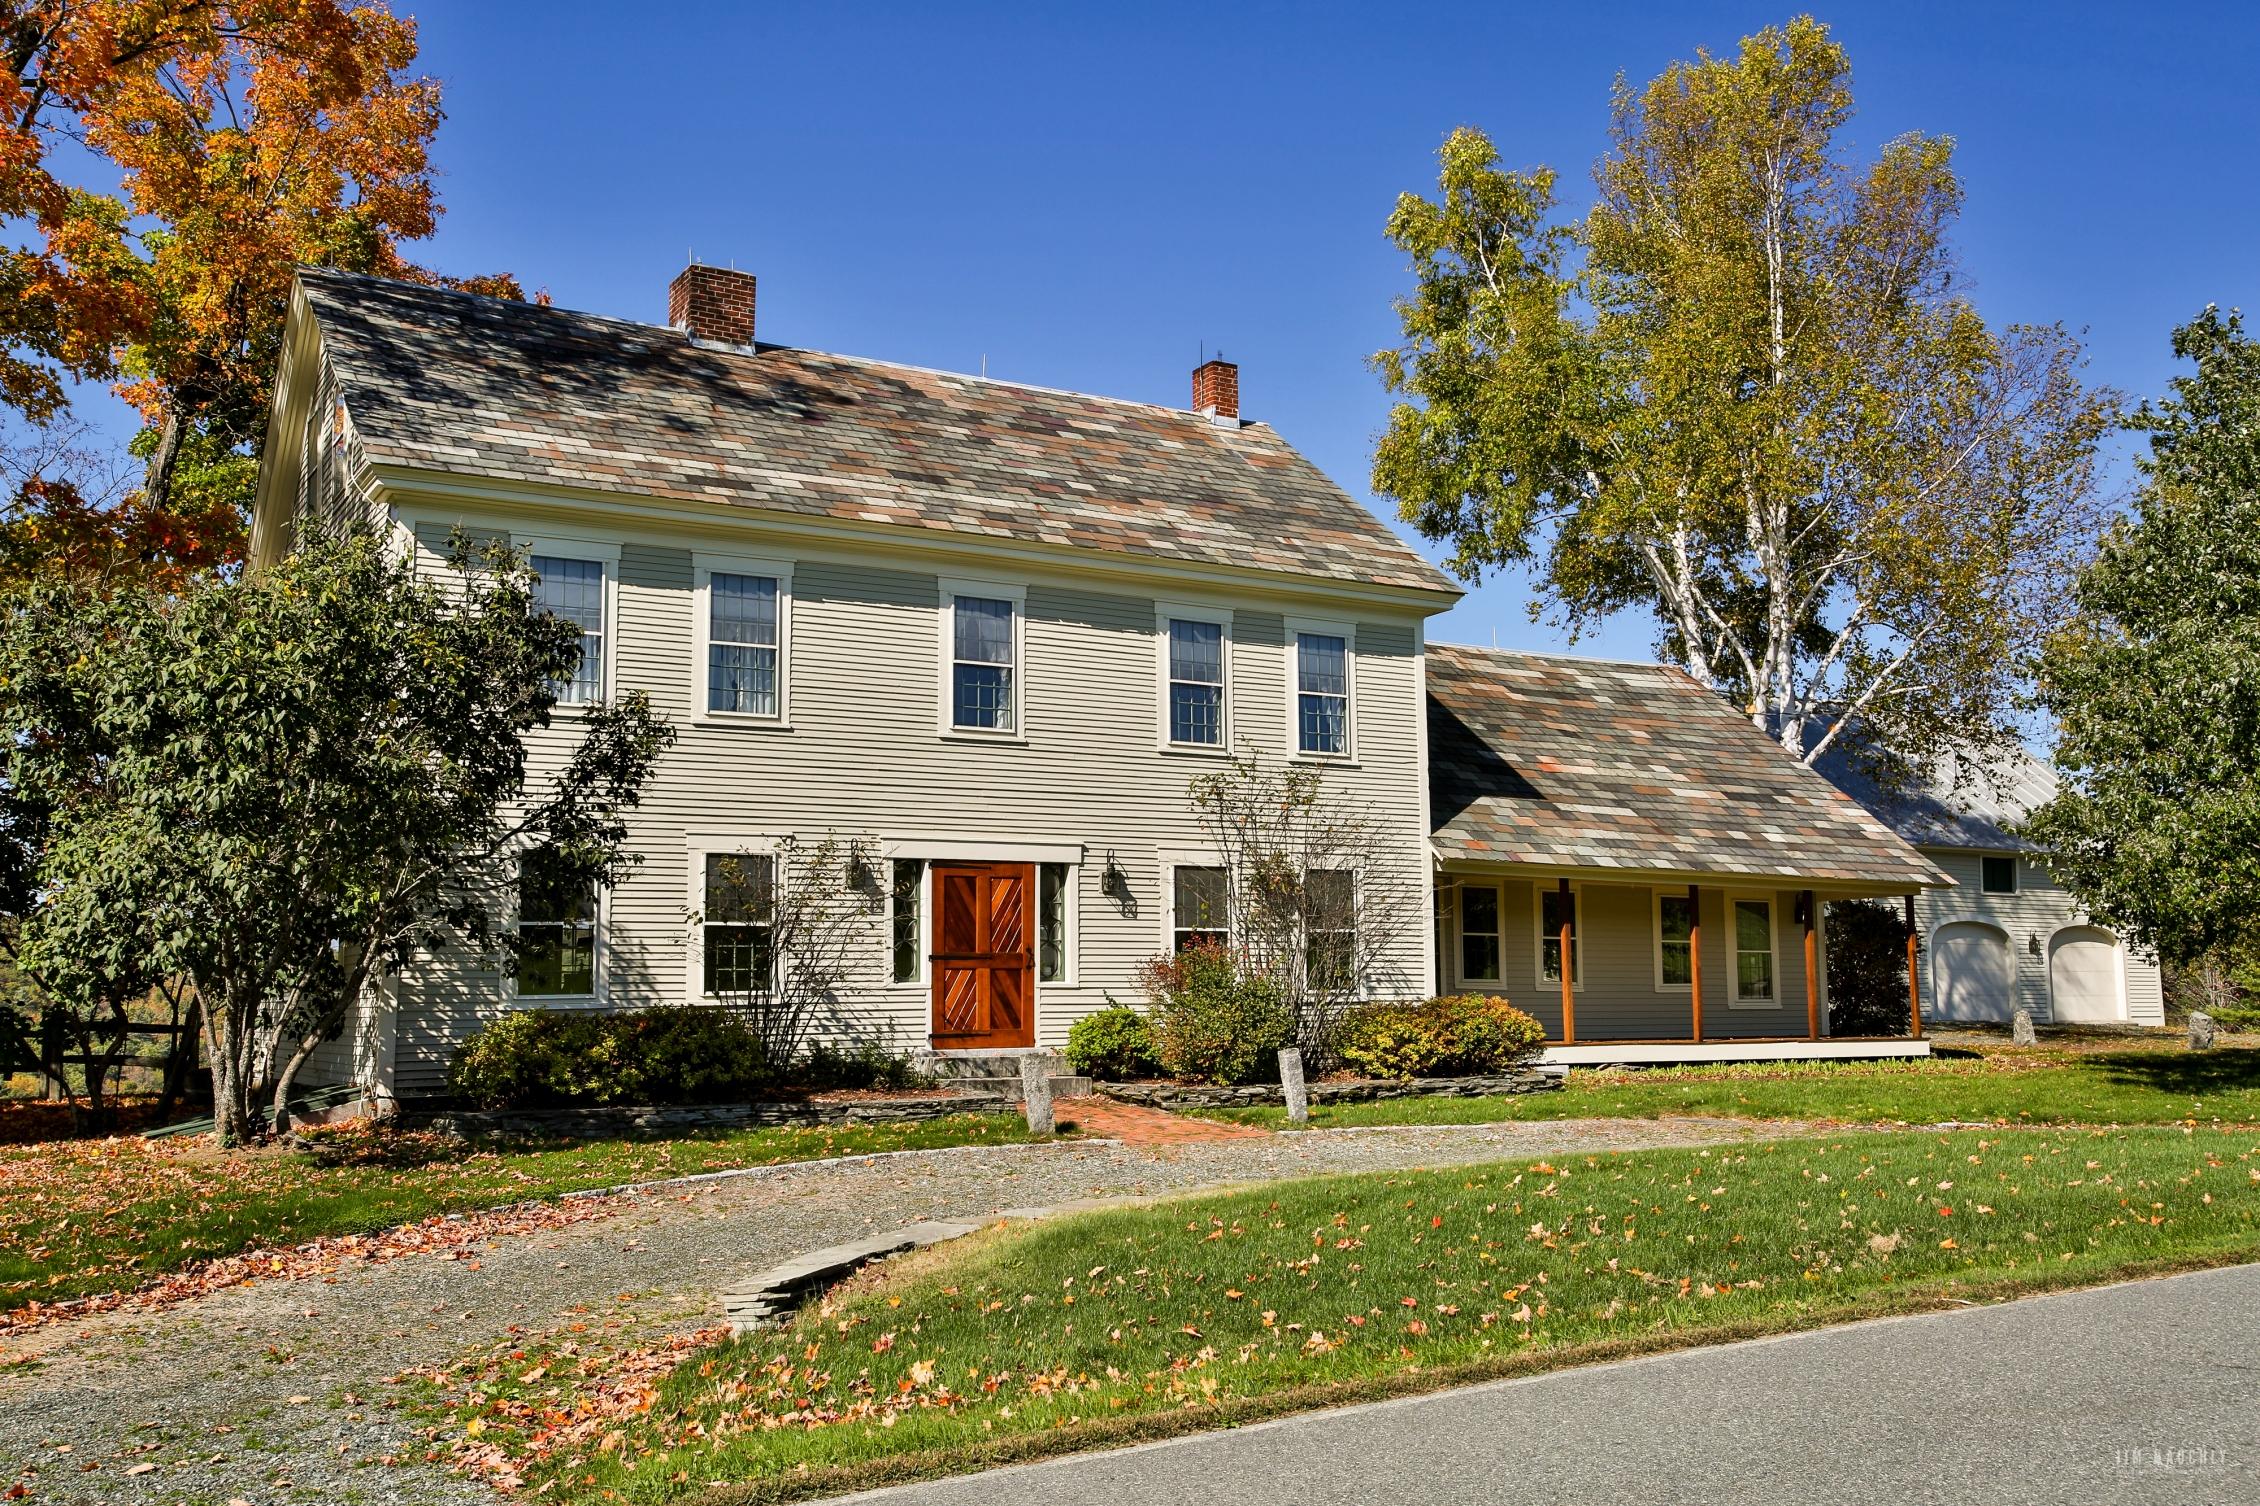 独户住宅 为 销售 在 3703 Jericho Street, Hartford 哈特福特, 佛蒙特州 05001 美国